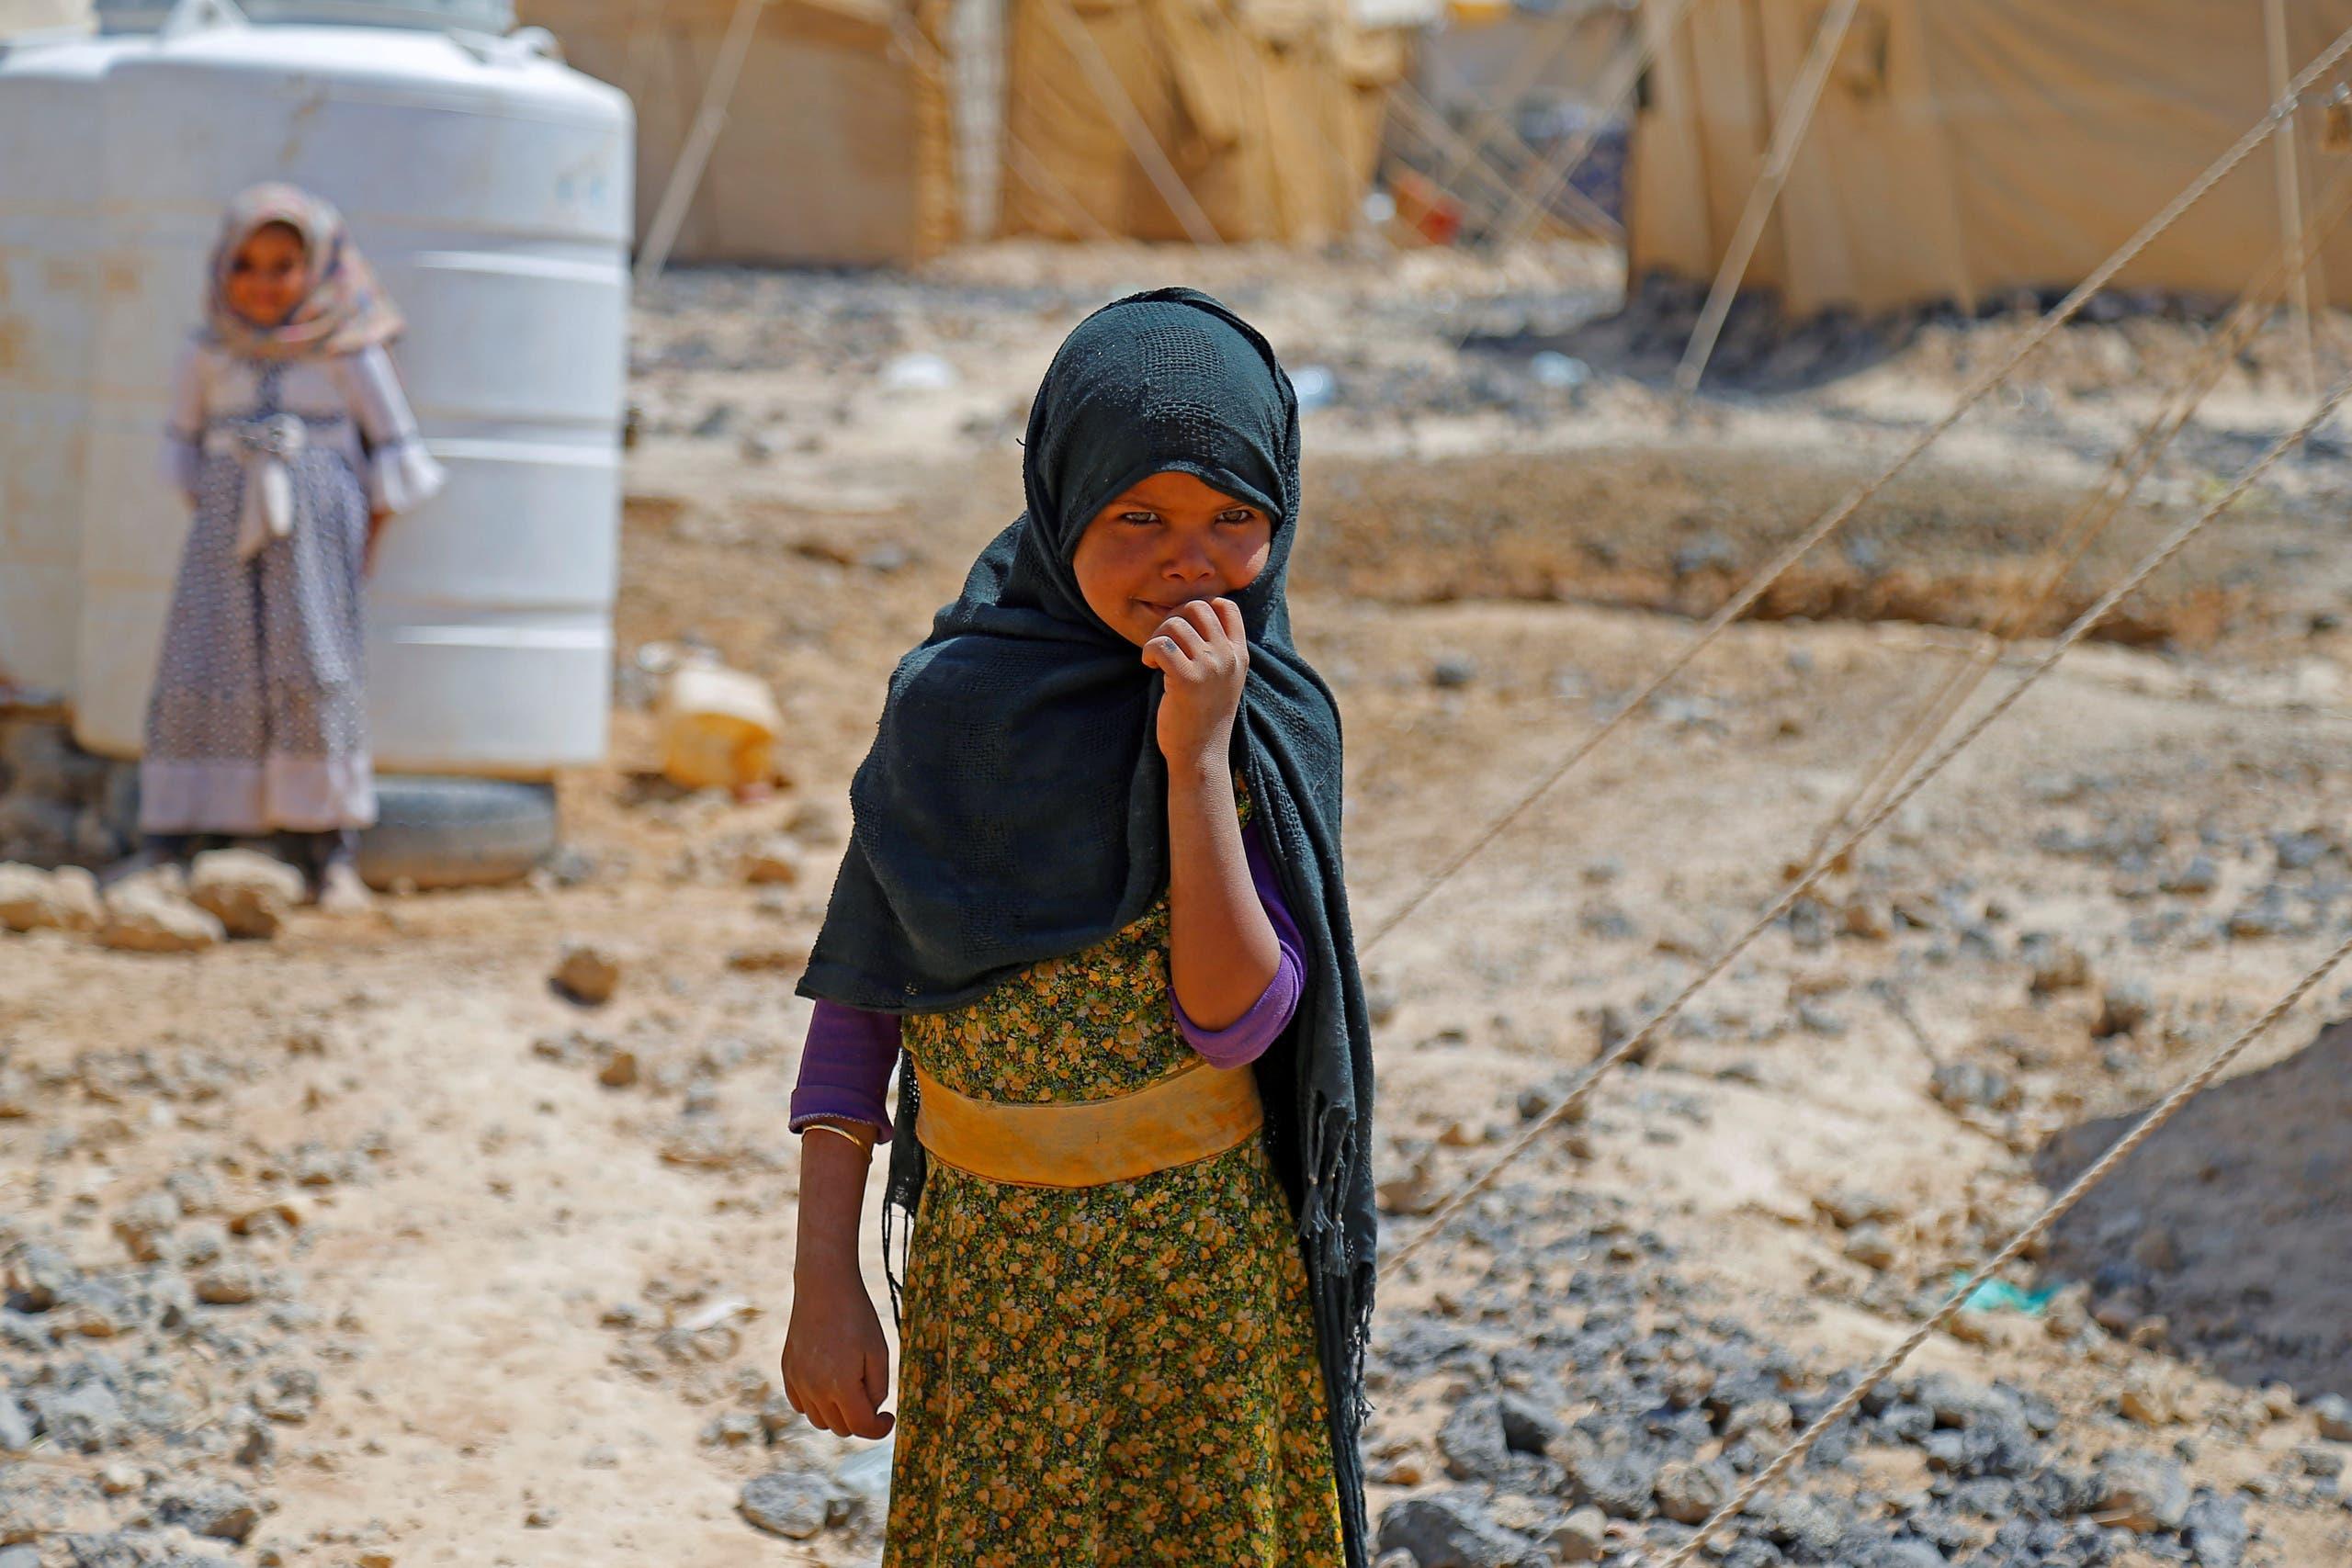 طفلتان في مخيم للنازحين في مأرب